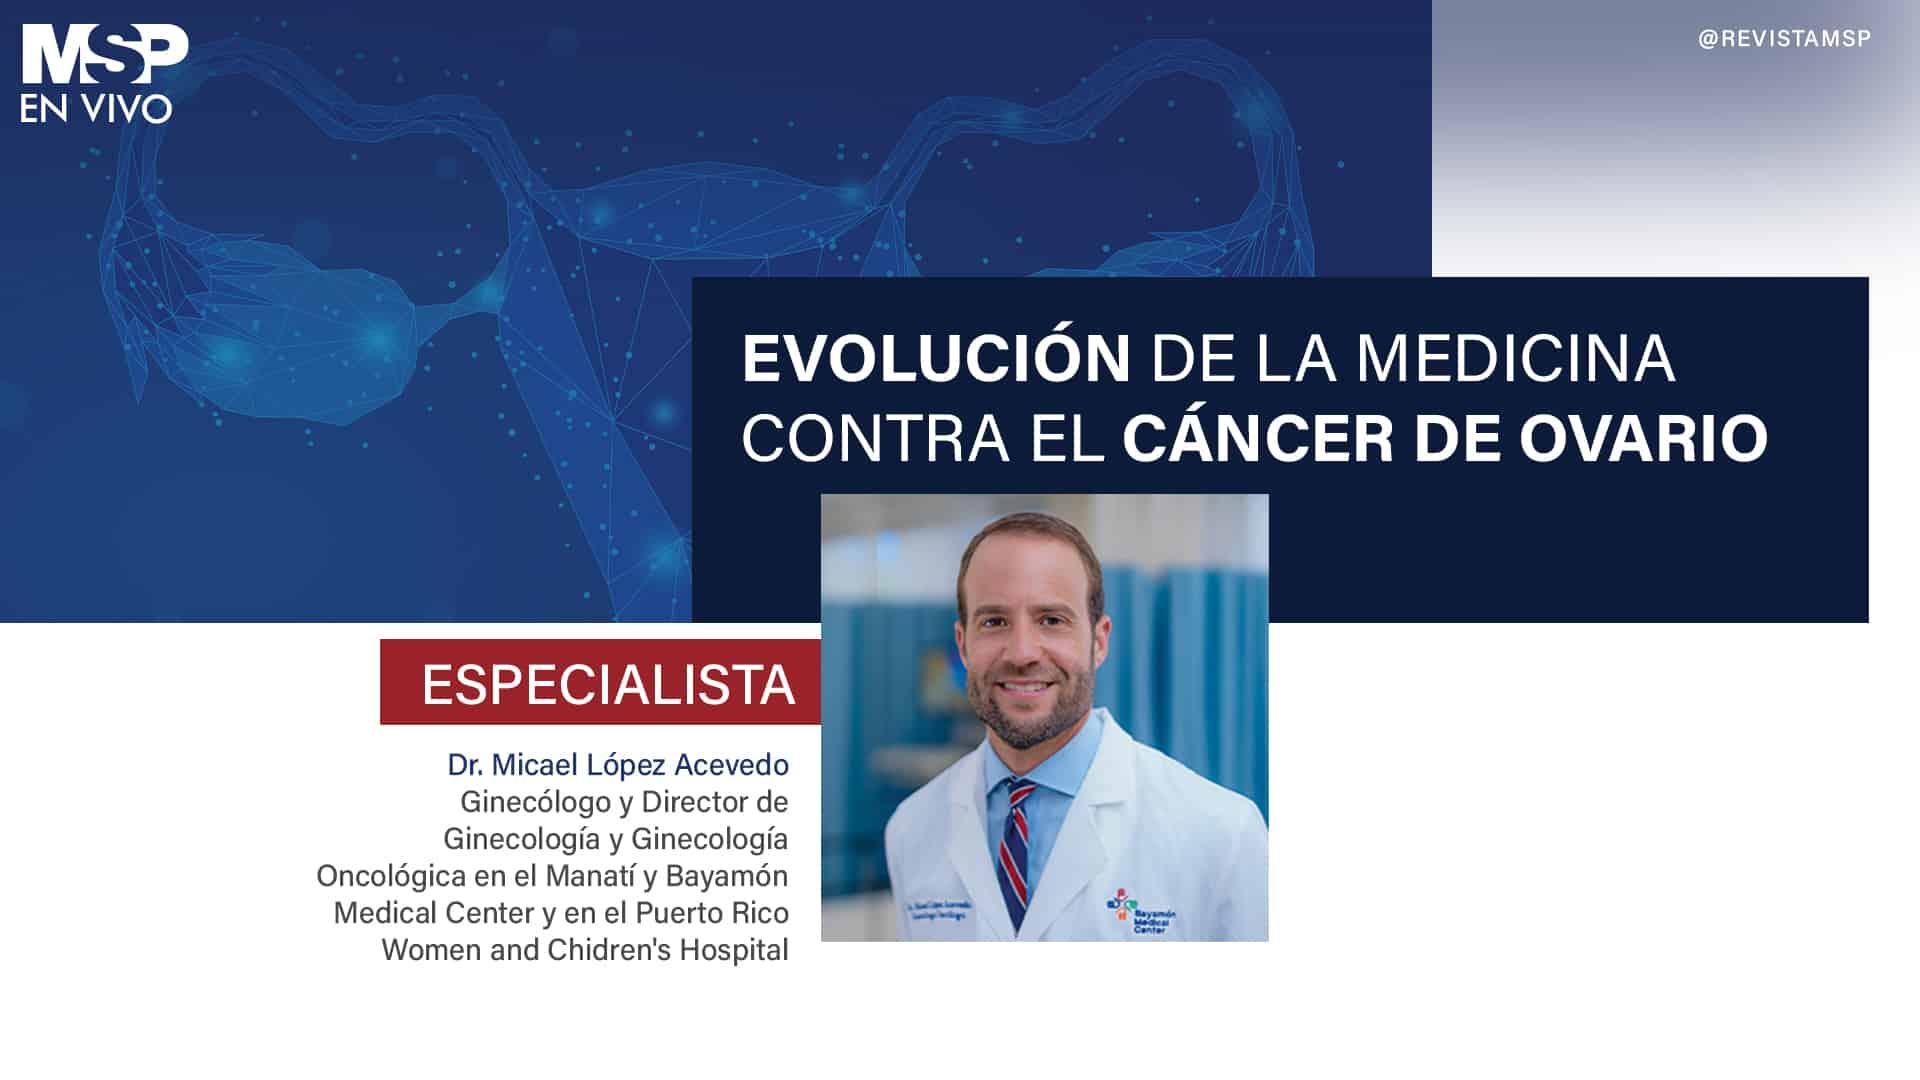 Evolución de la medicina contra el Cáncer de Ovario